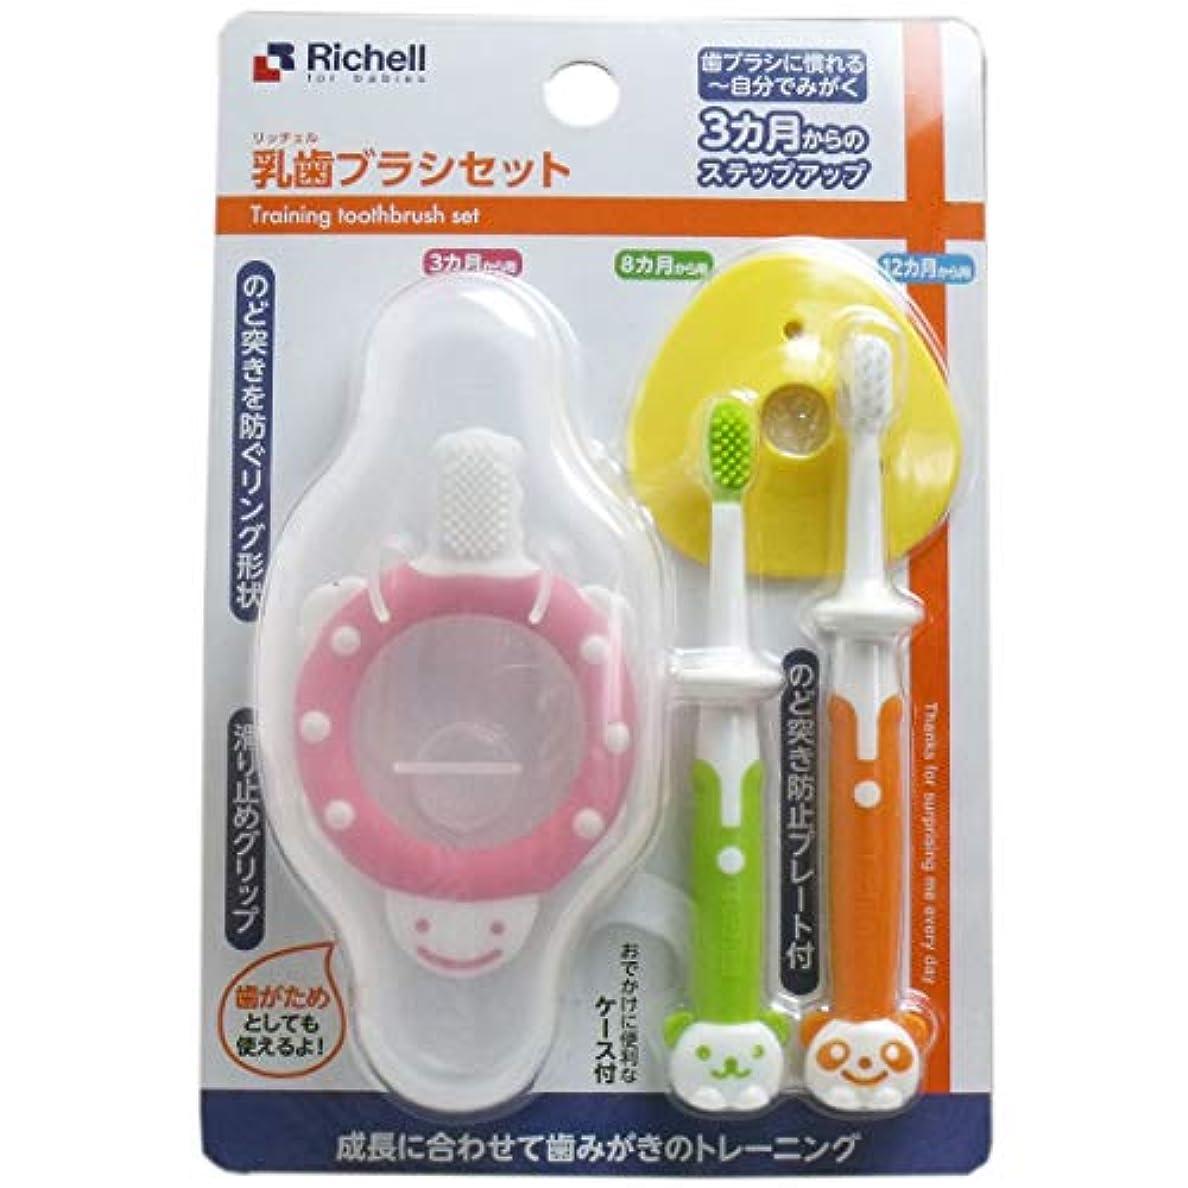 勇気カタログ乙女リッチェル 使っていいね! 炊飯器用おかゆ調理器 耐熱ガラス製